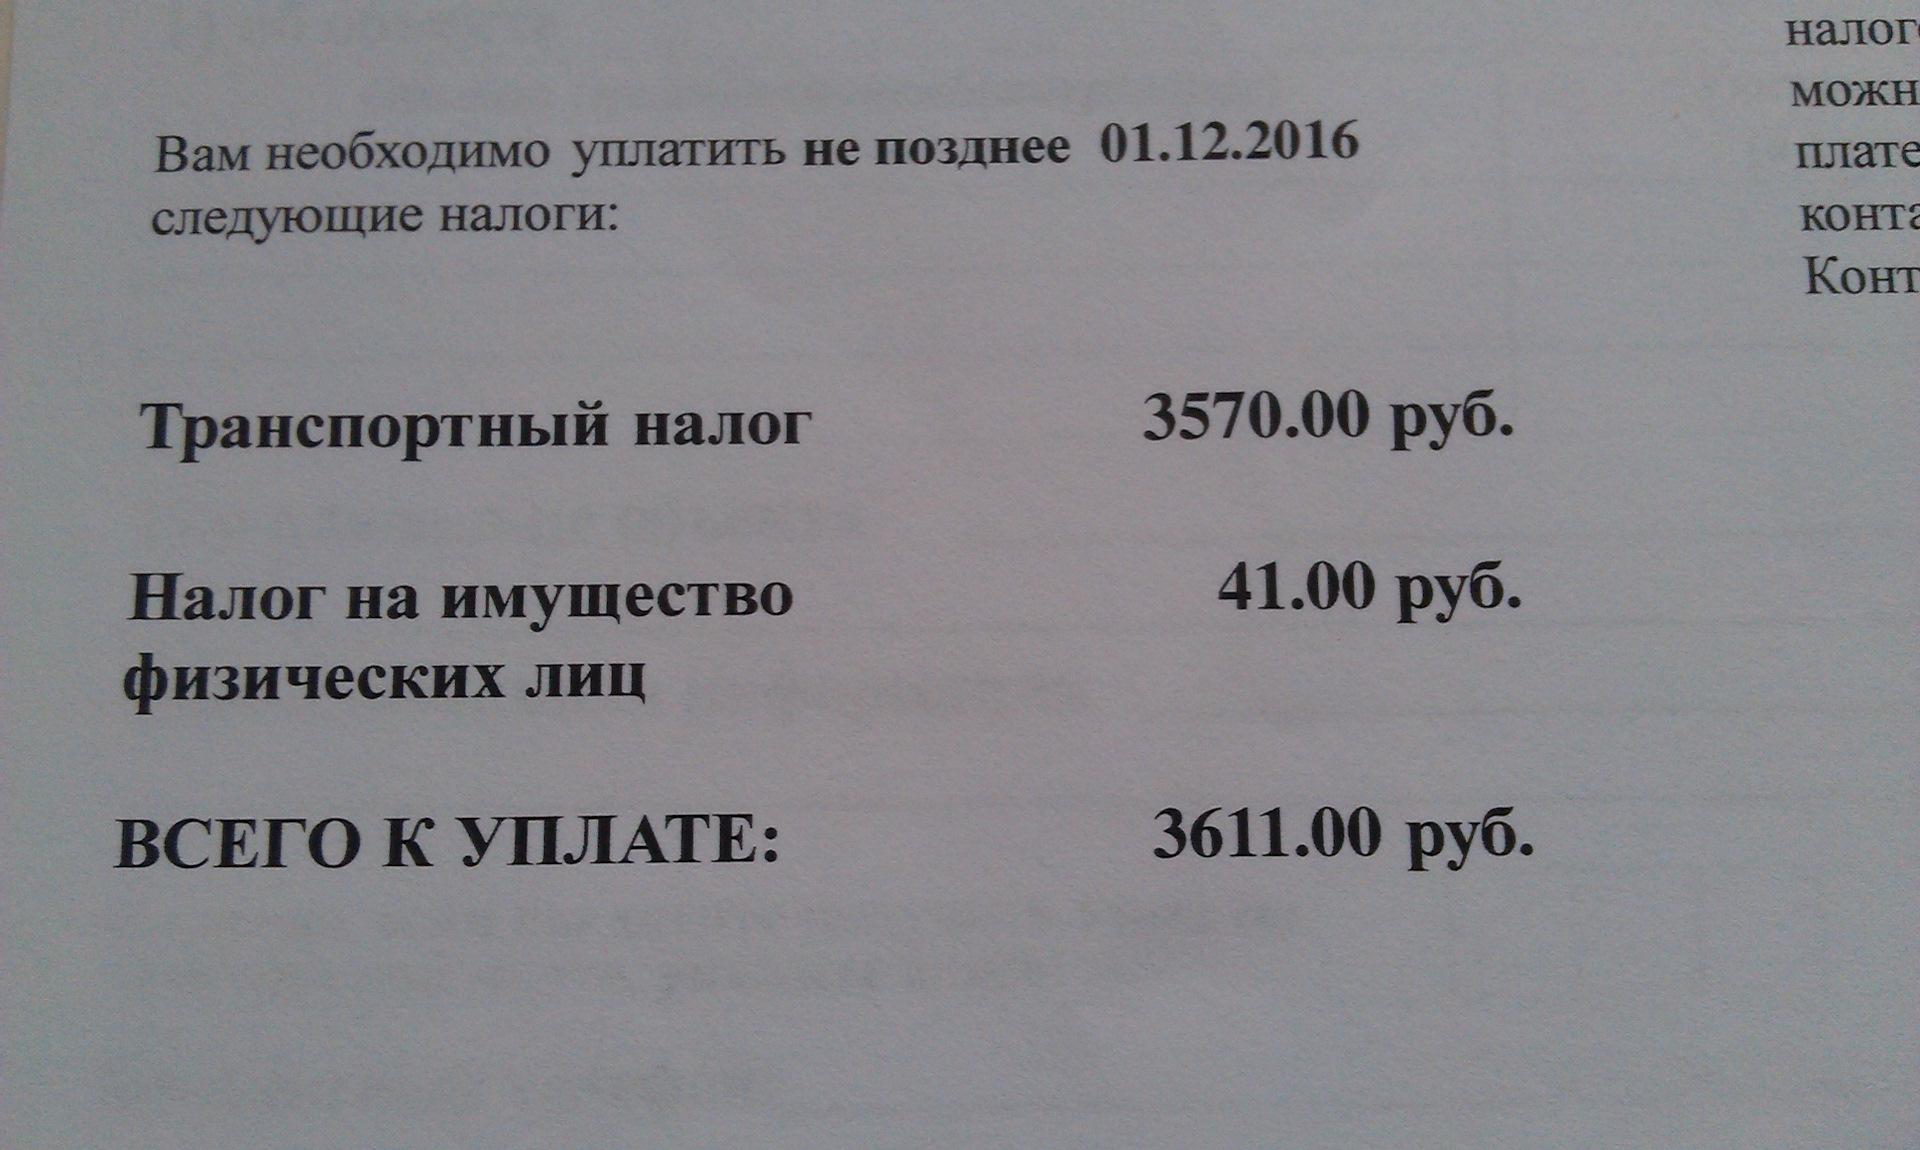 Ставки транспортного налога по челябинской области на 2015 год как заработать в интернете без вложений 100